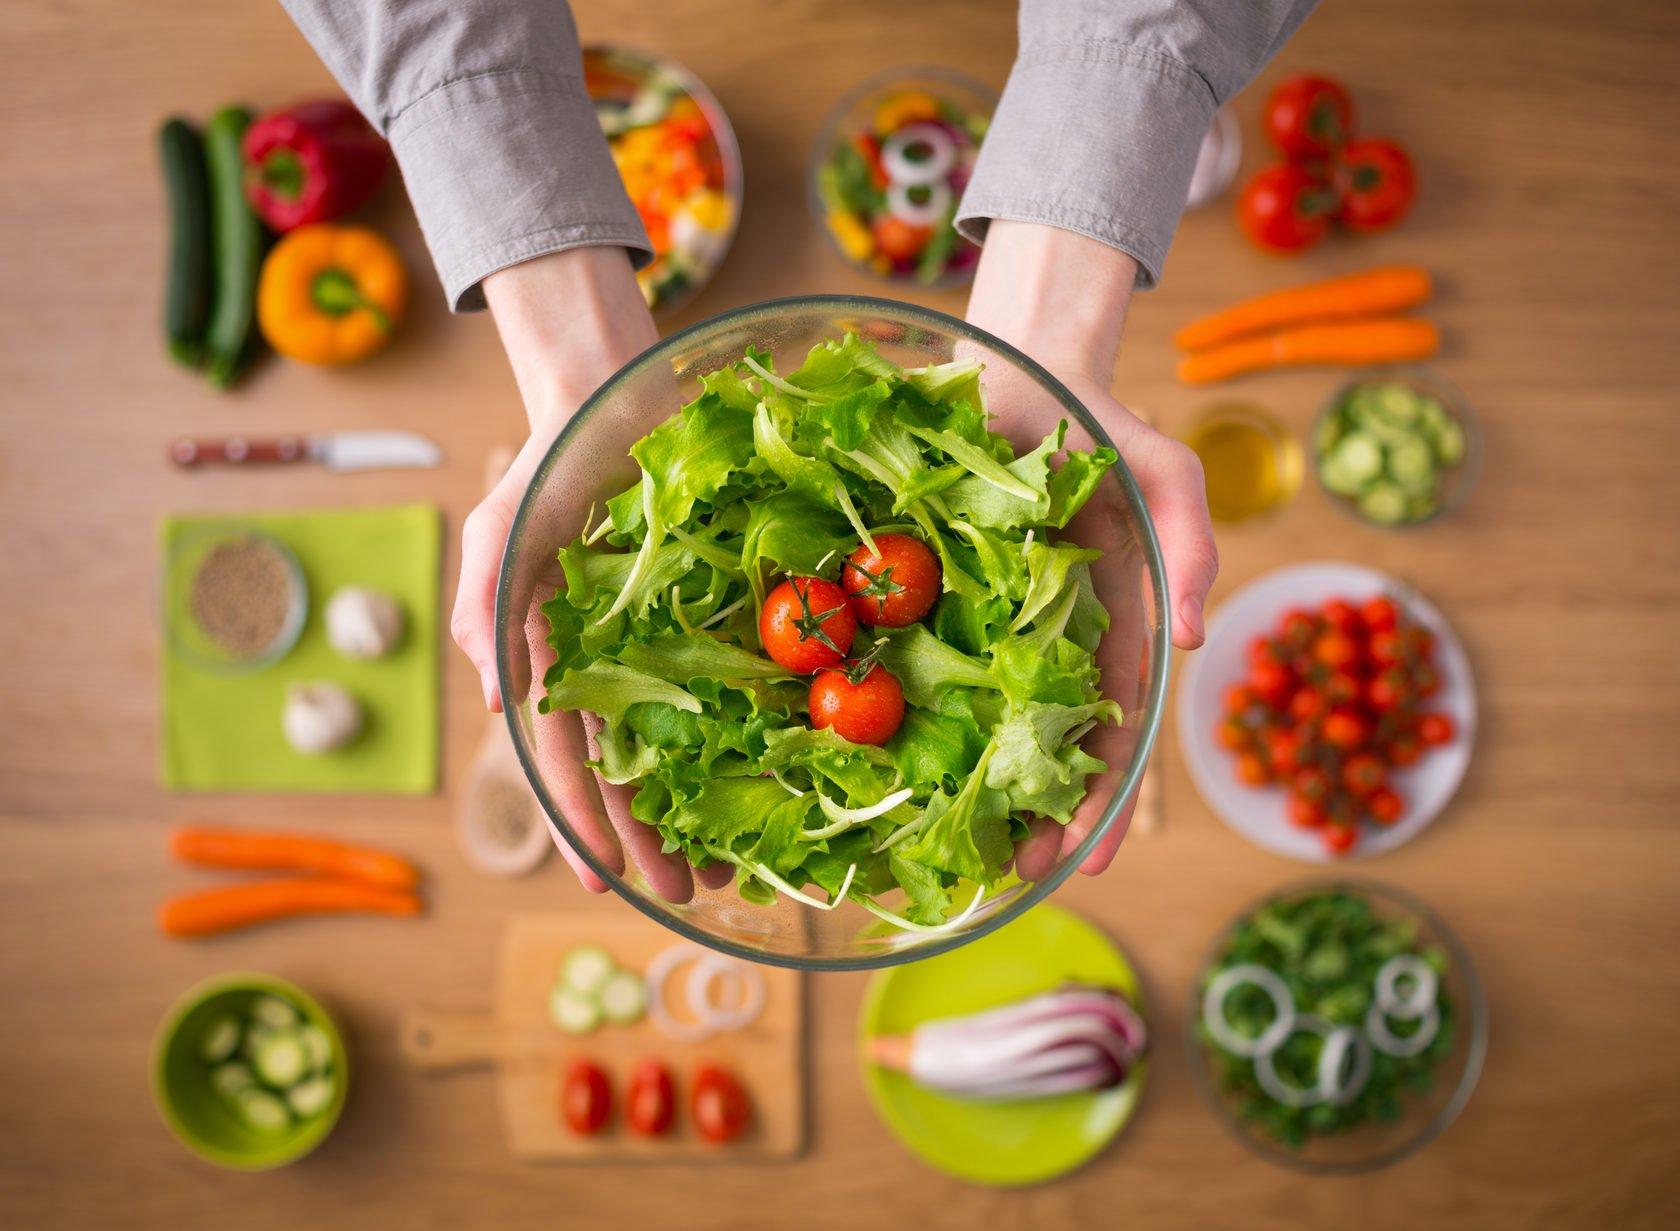 Раздельное питание: выдумки и объективная реальность